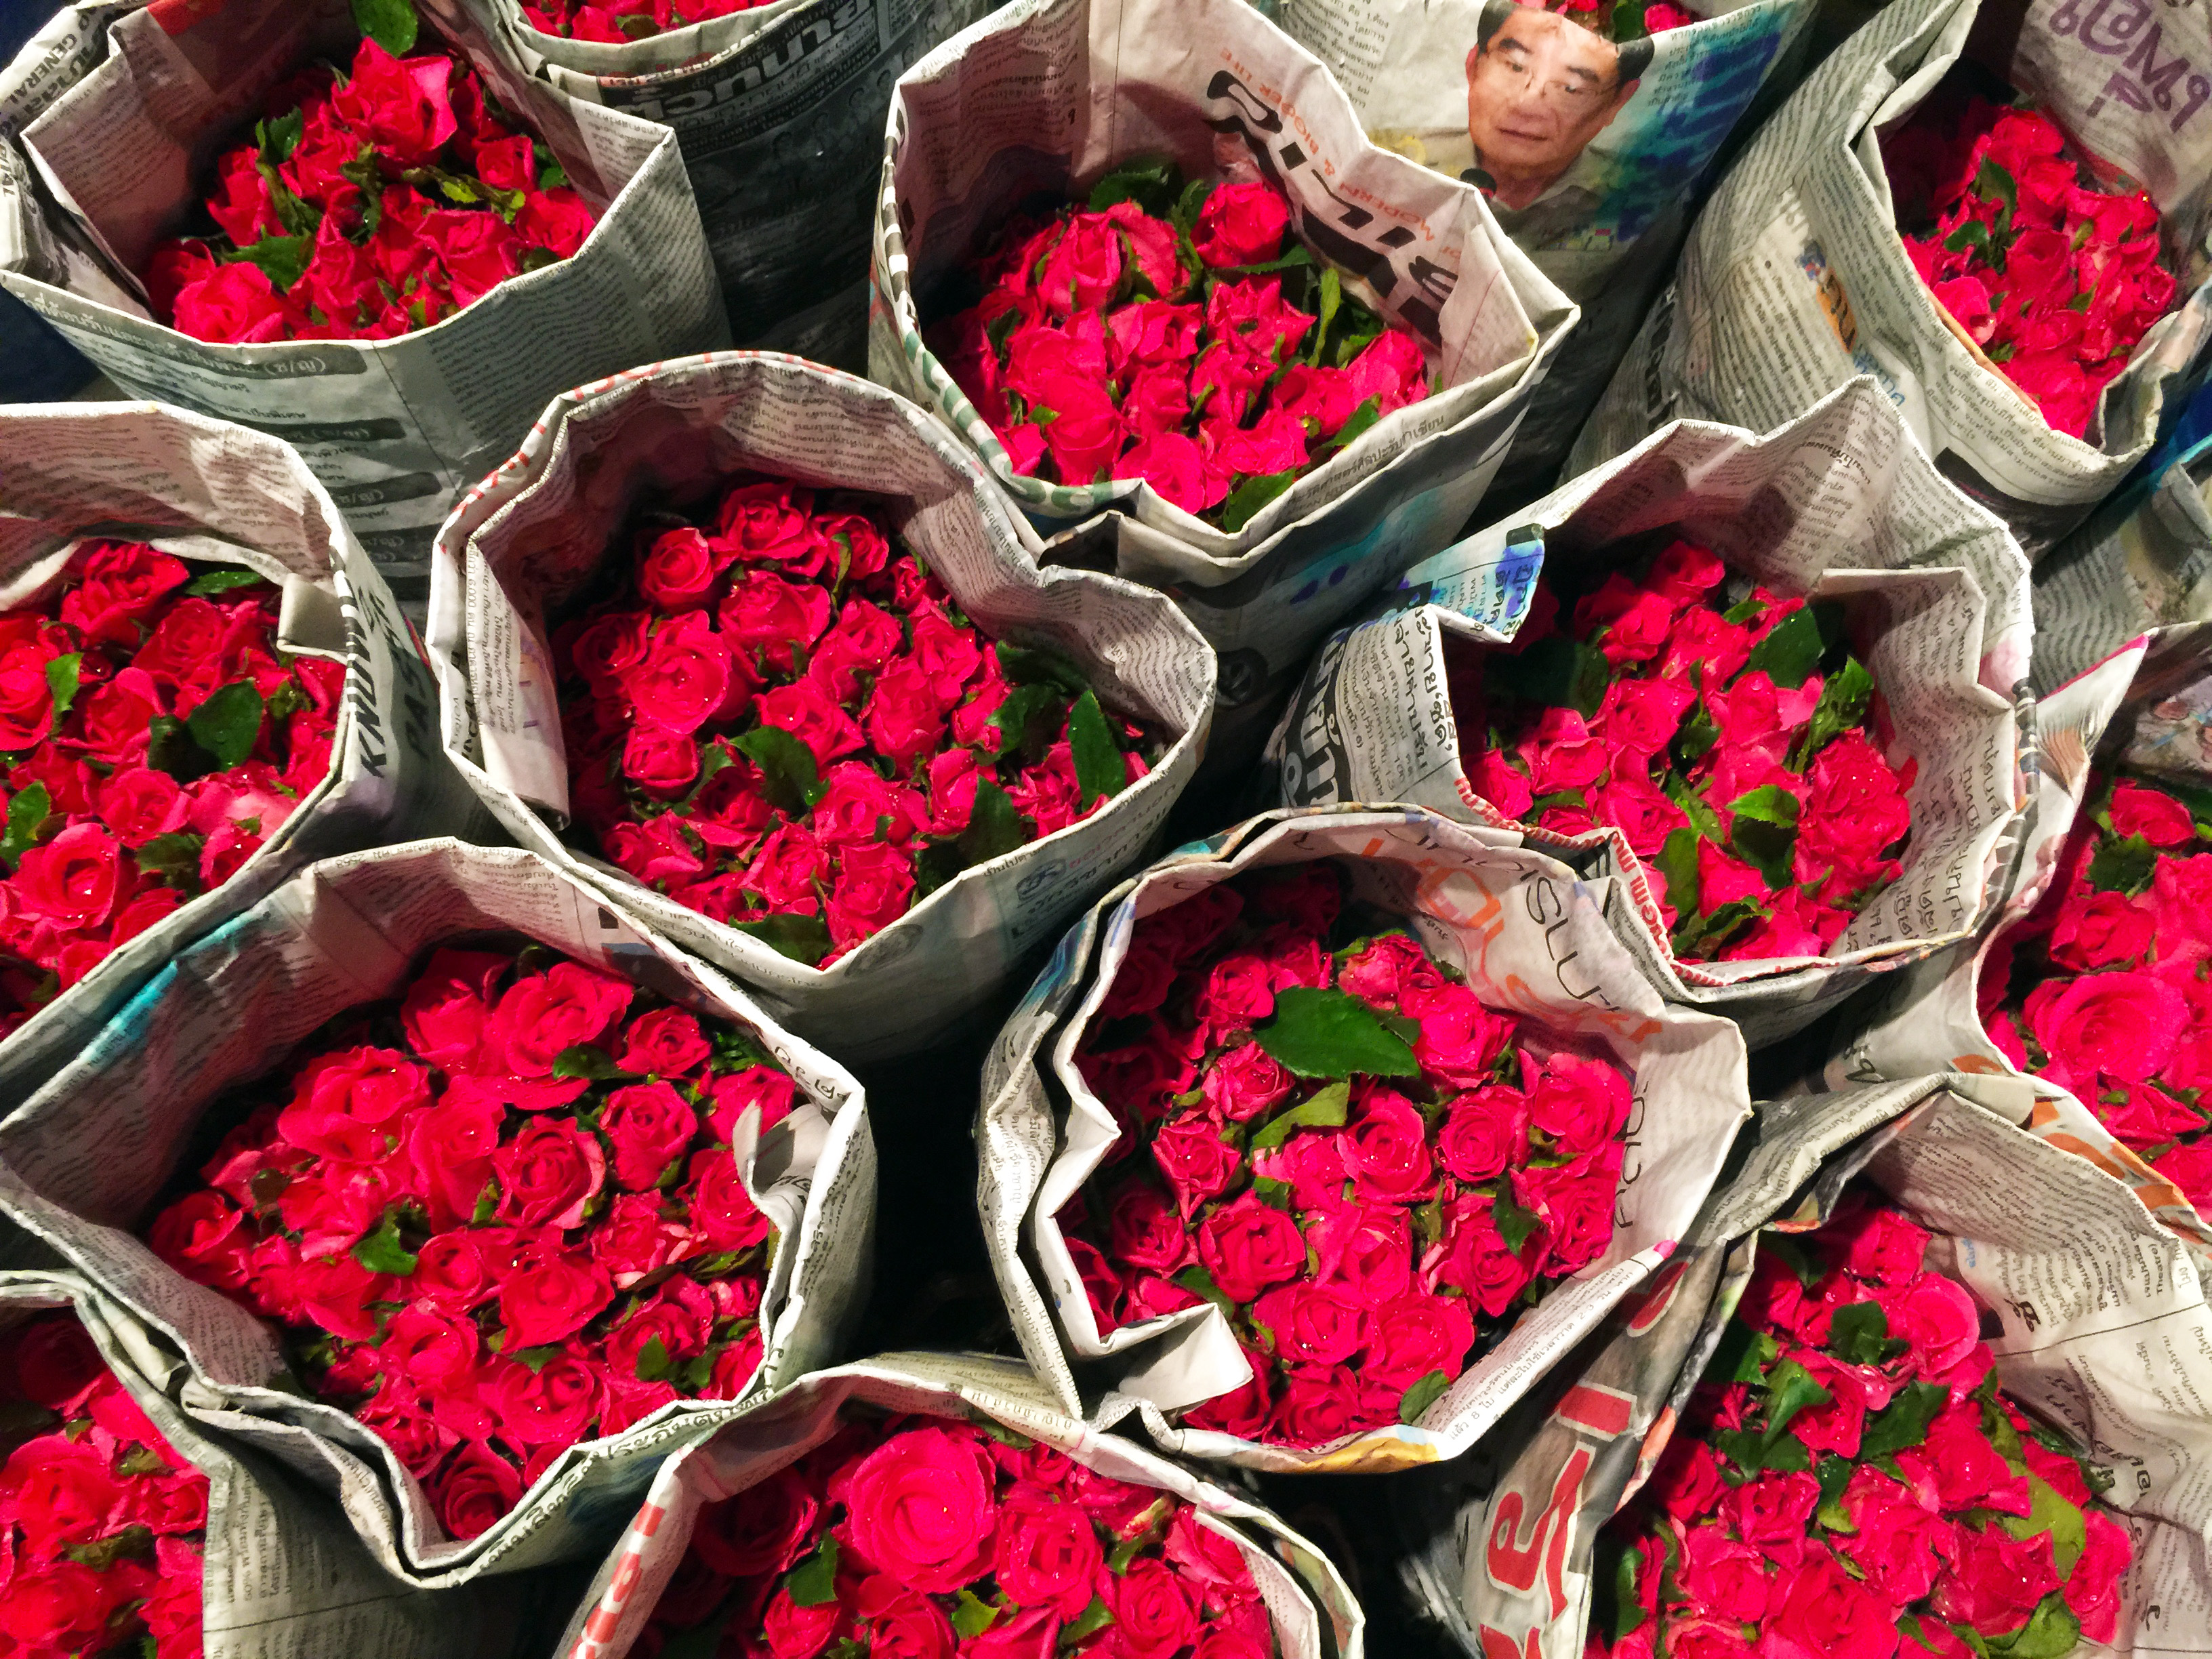 Bangkok Flower Market roses